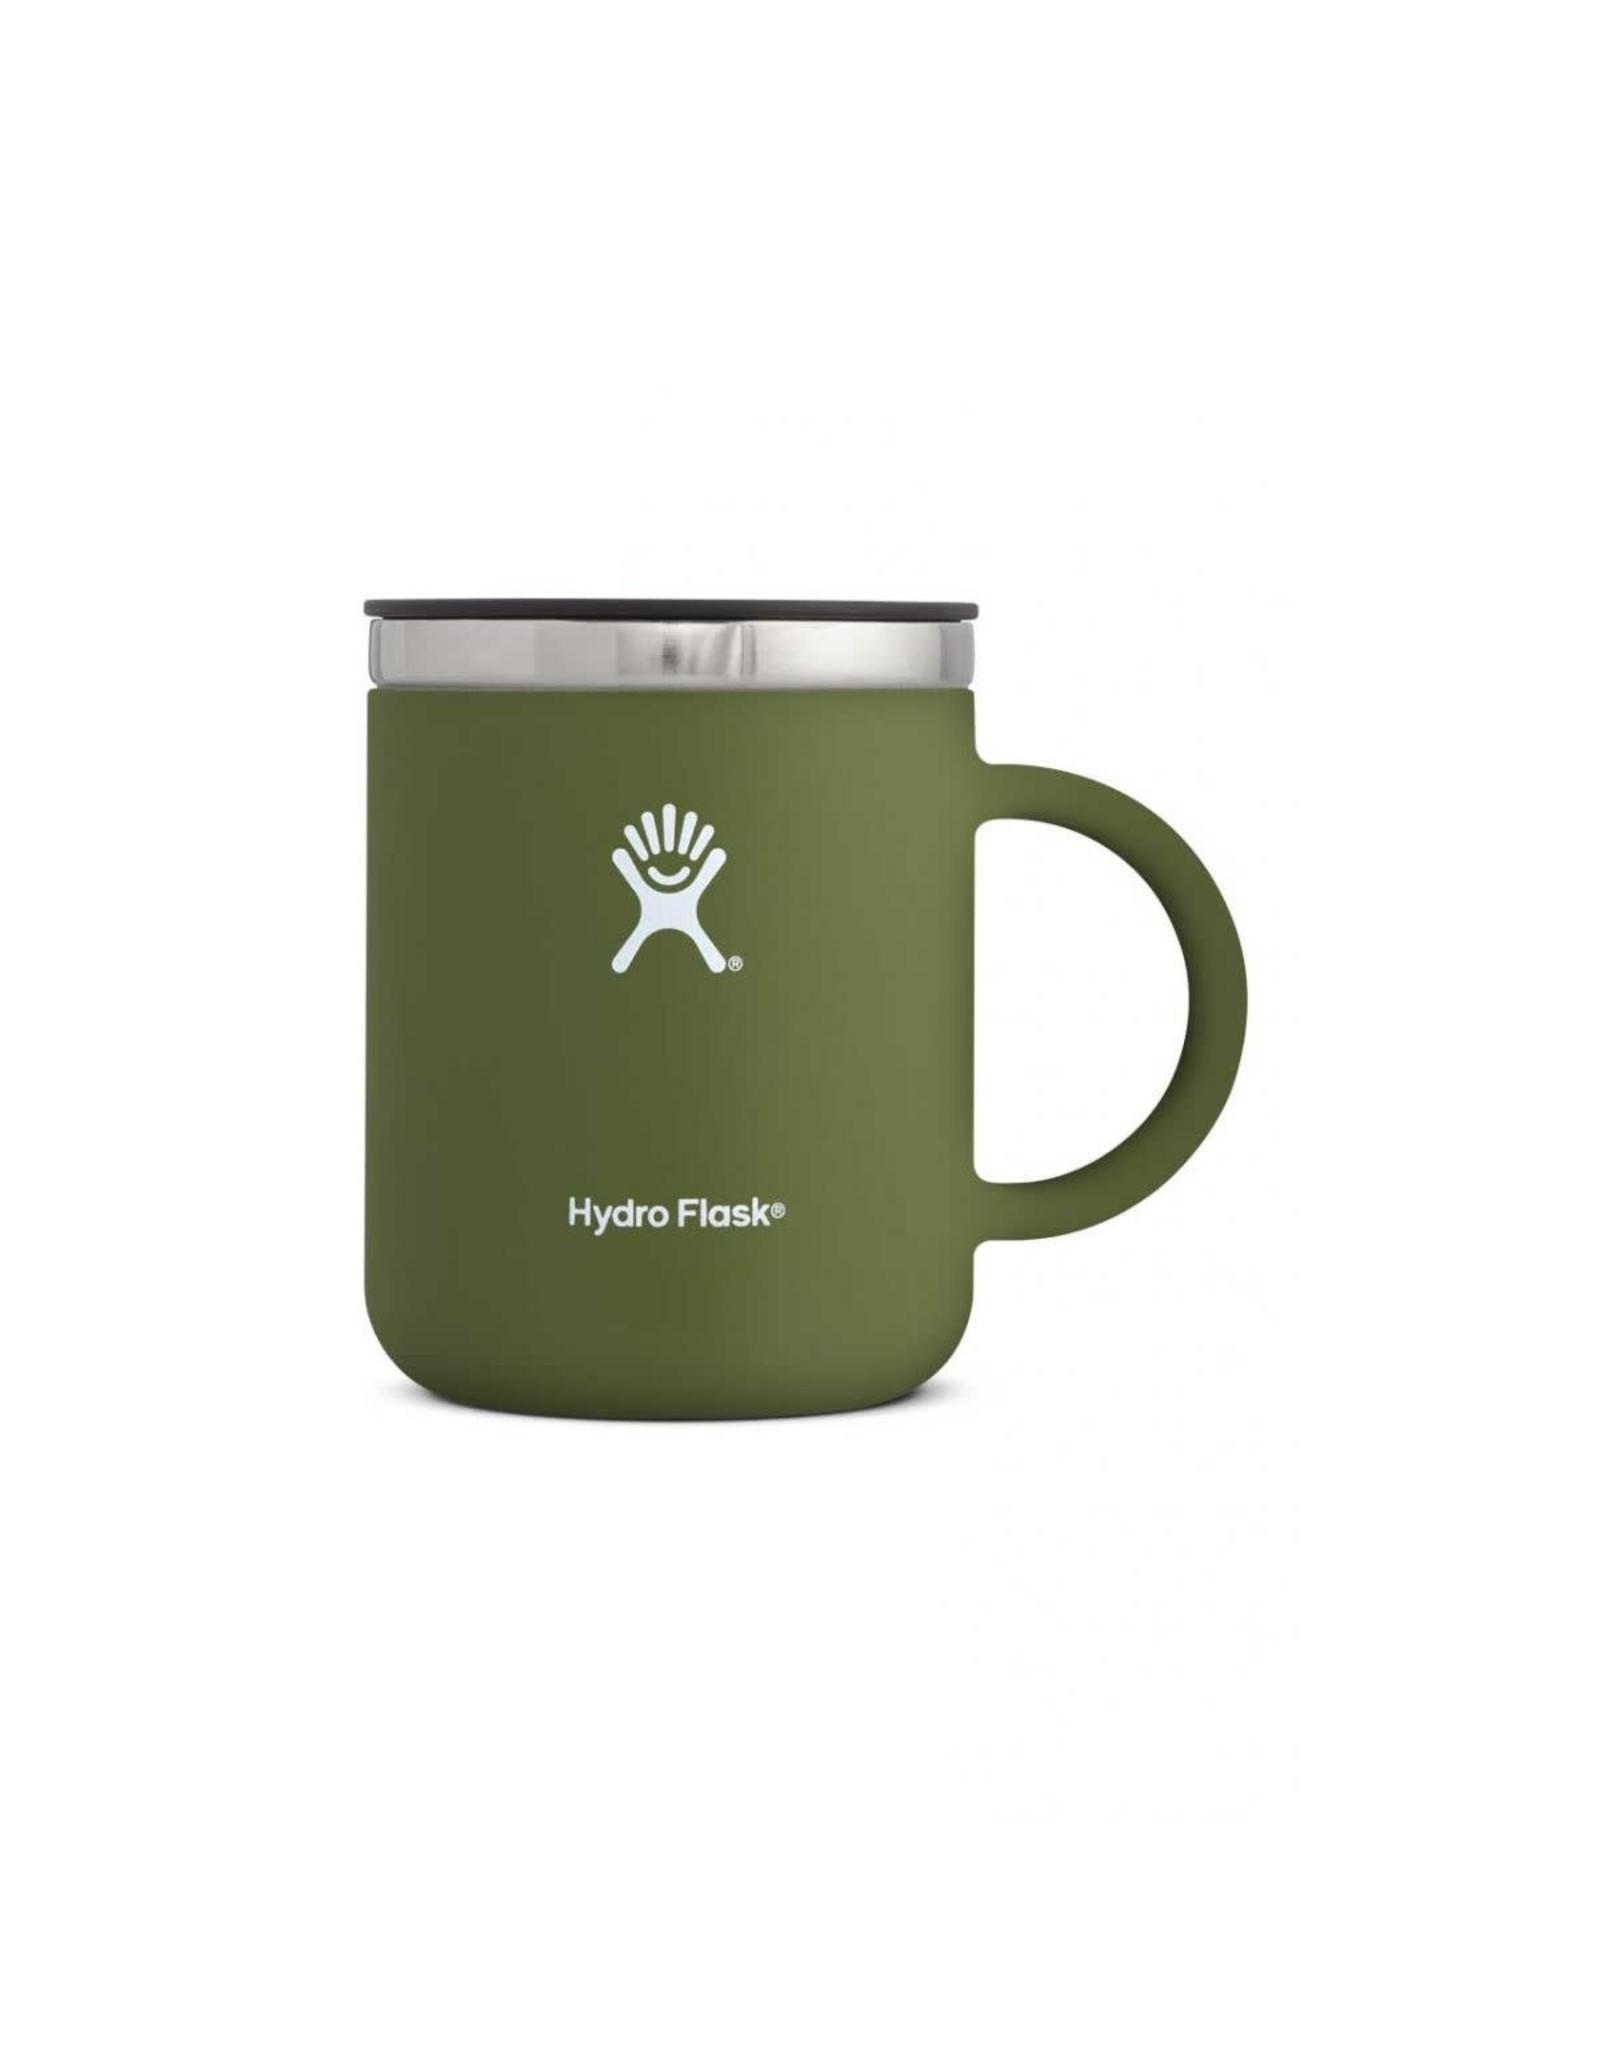 Hydro Flask Hydro Flask 12oz Coffee Mug Olive